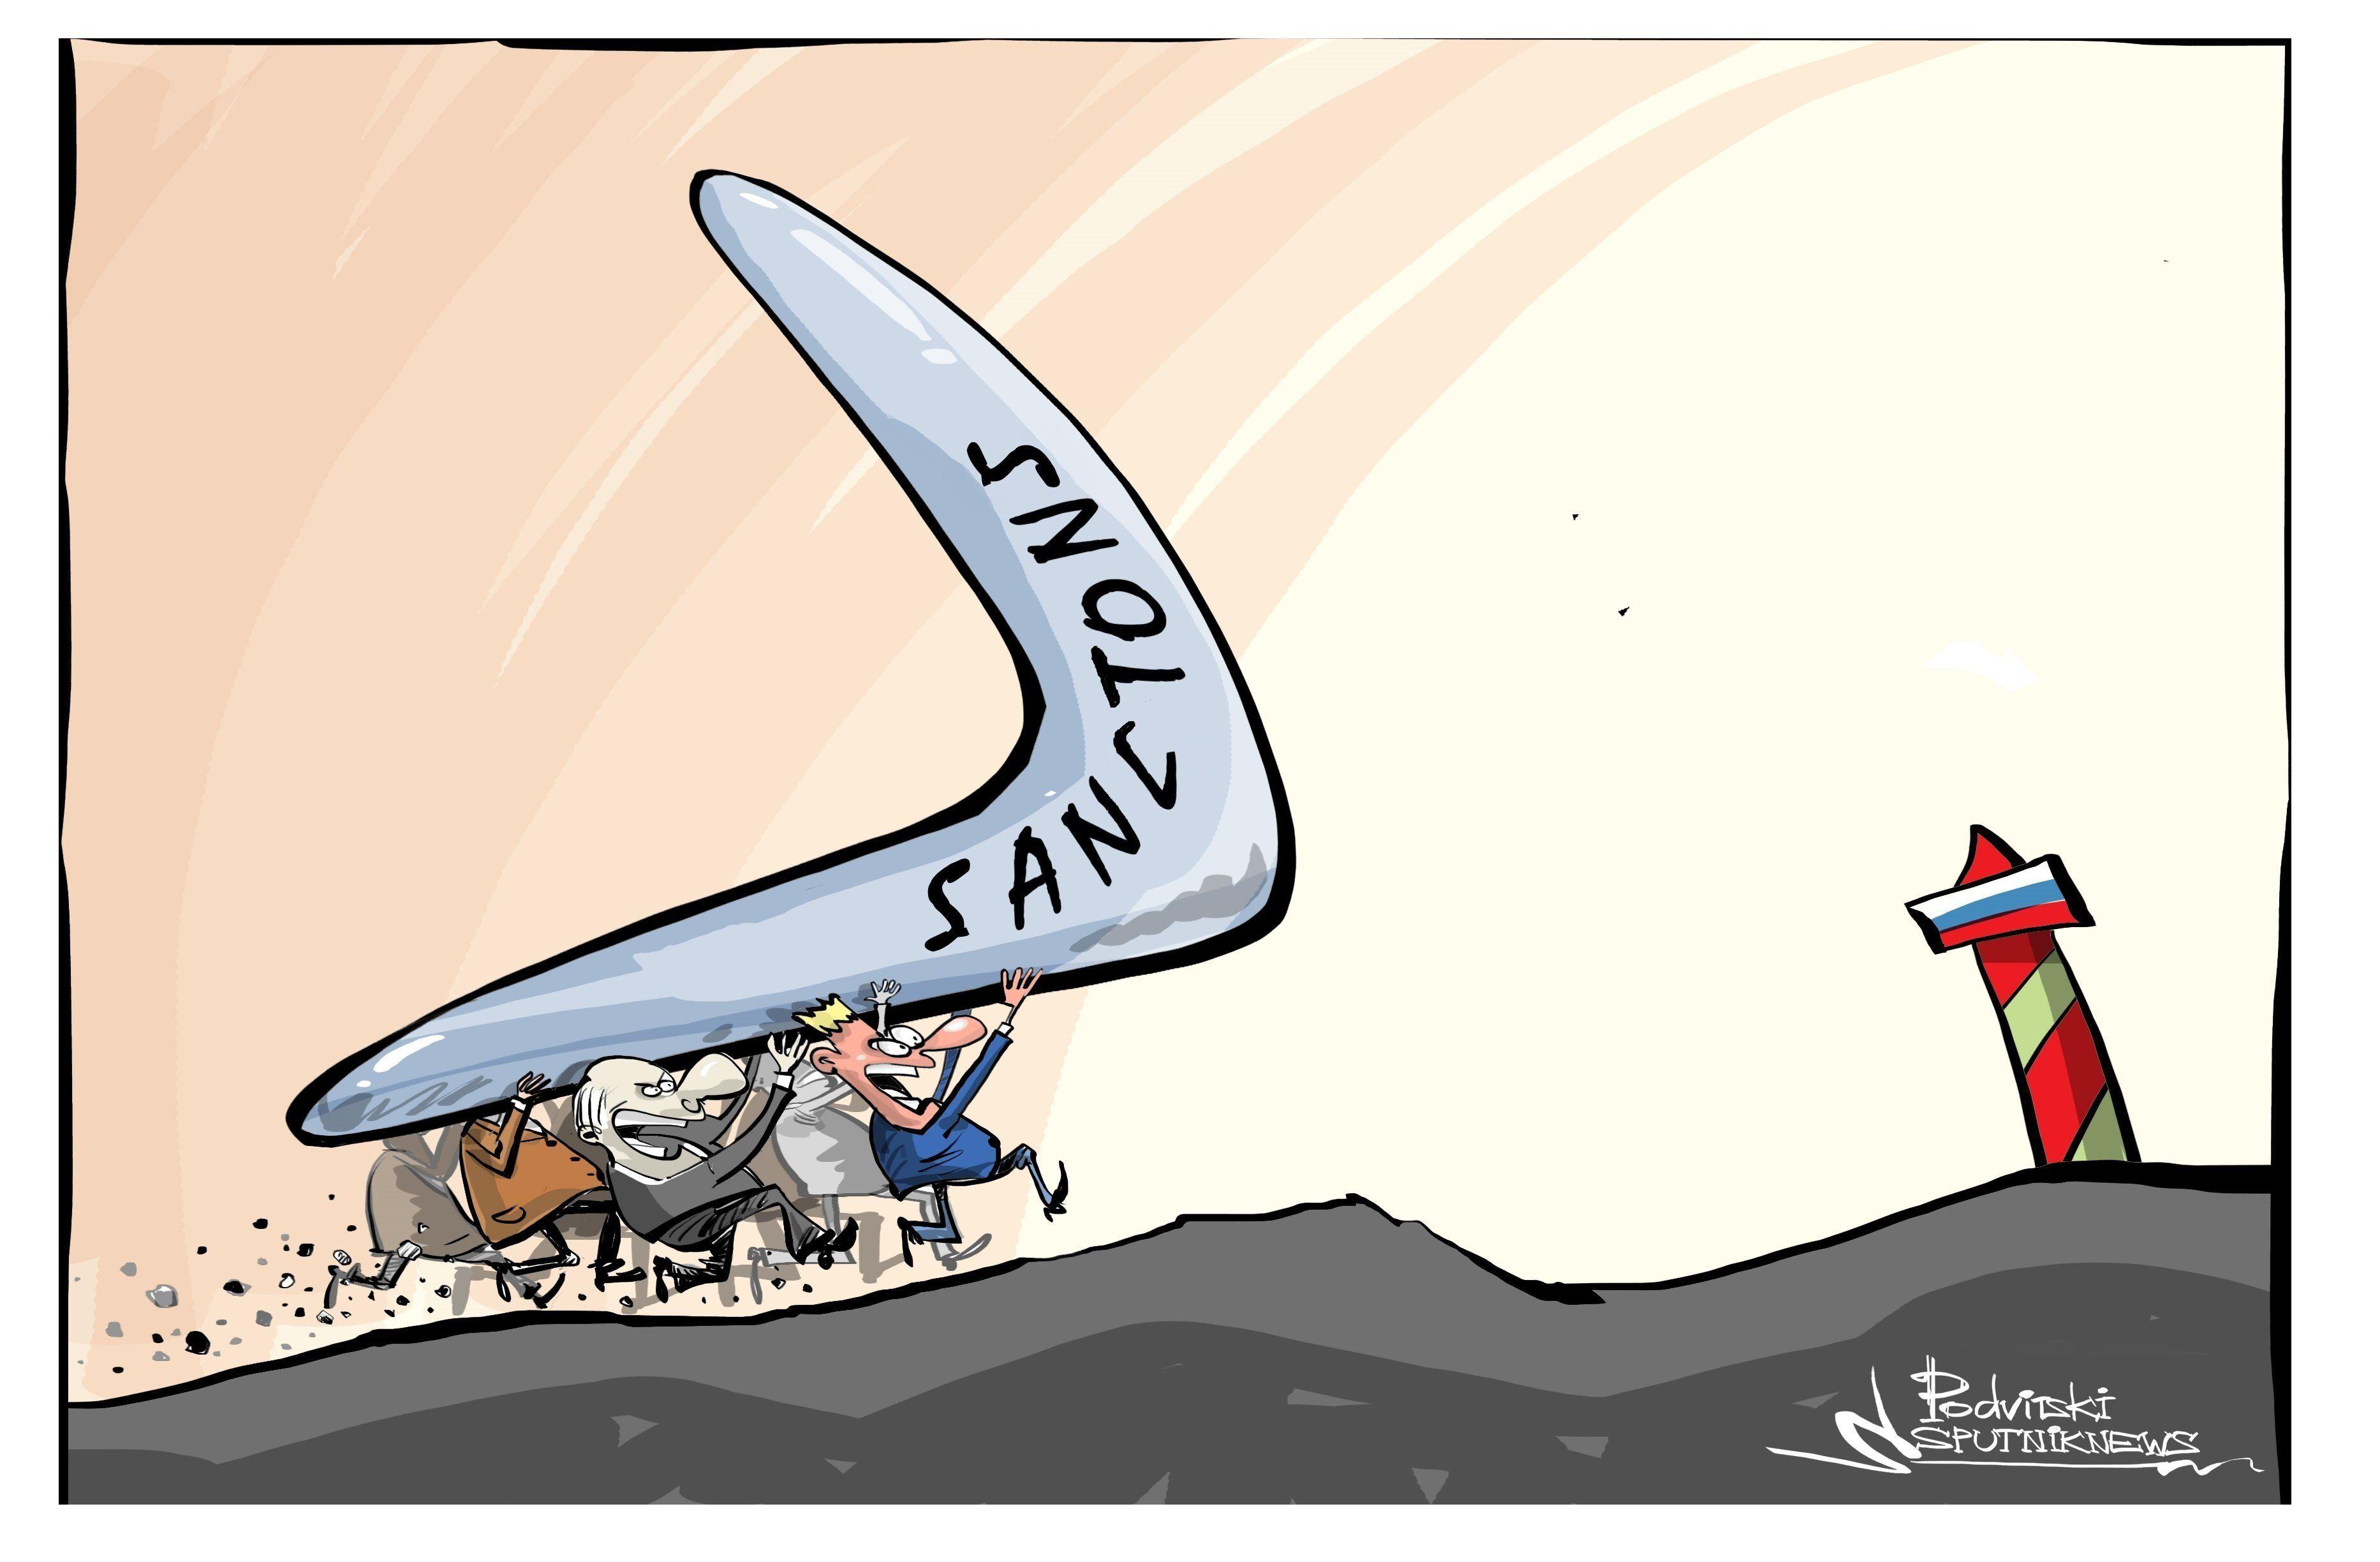 Sanctions de l'Occident contre la Russie